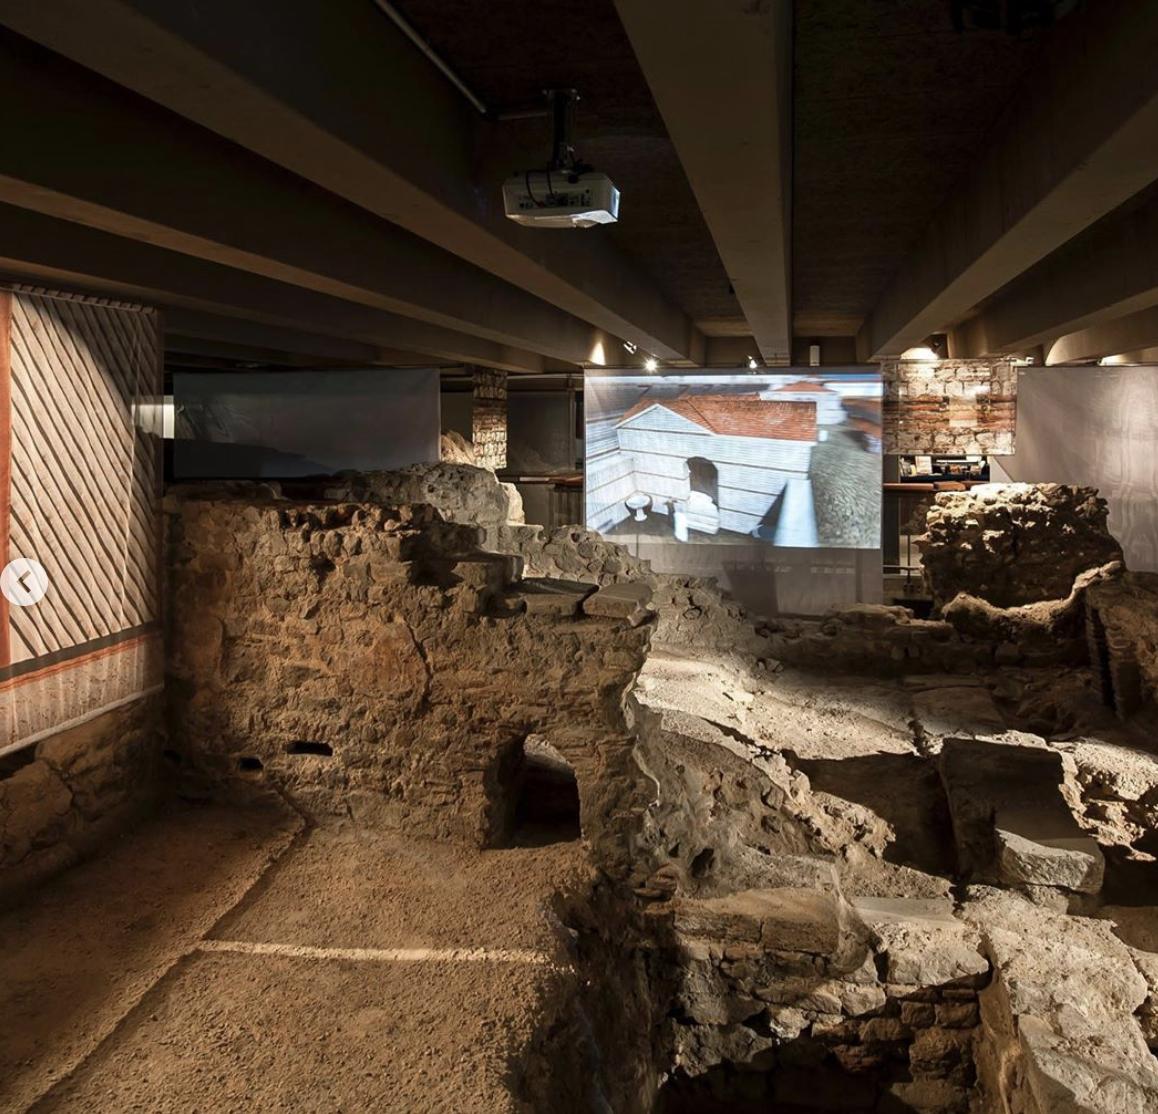 从巴黎地下挖掘出的高卢罗马防御工事等遗迹。 考古地下室博物馆官网 图